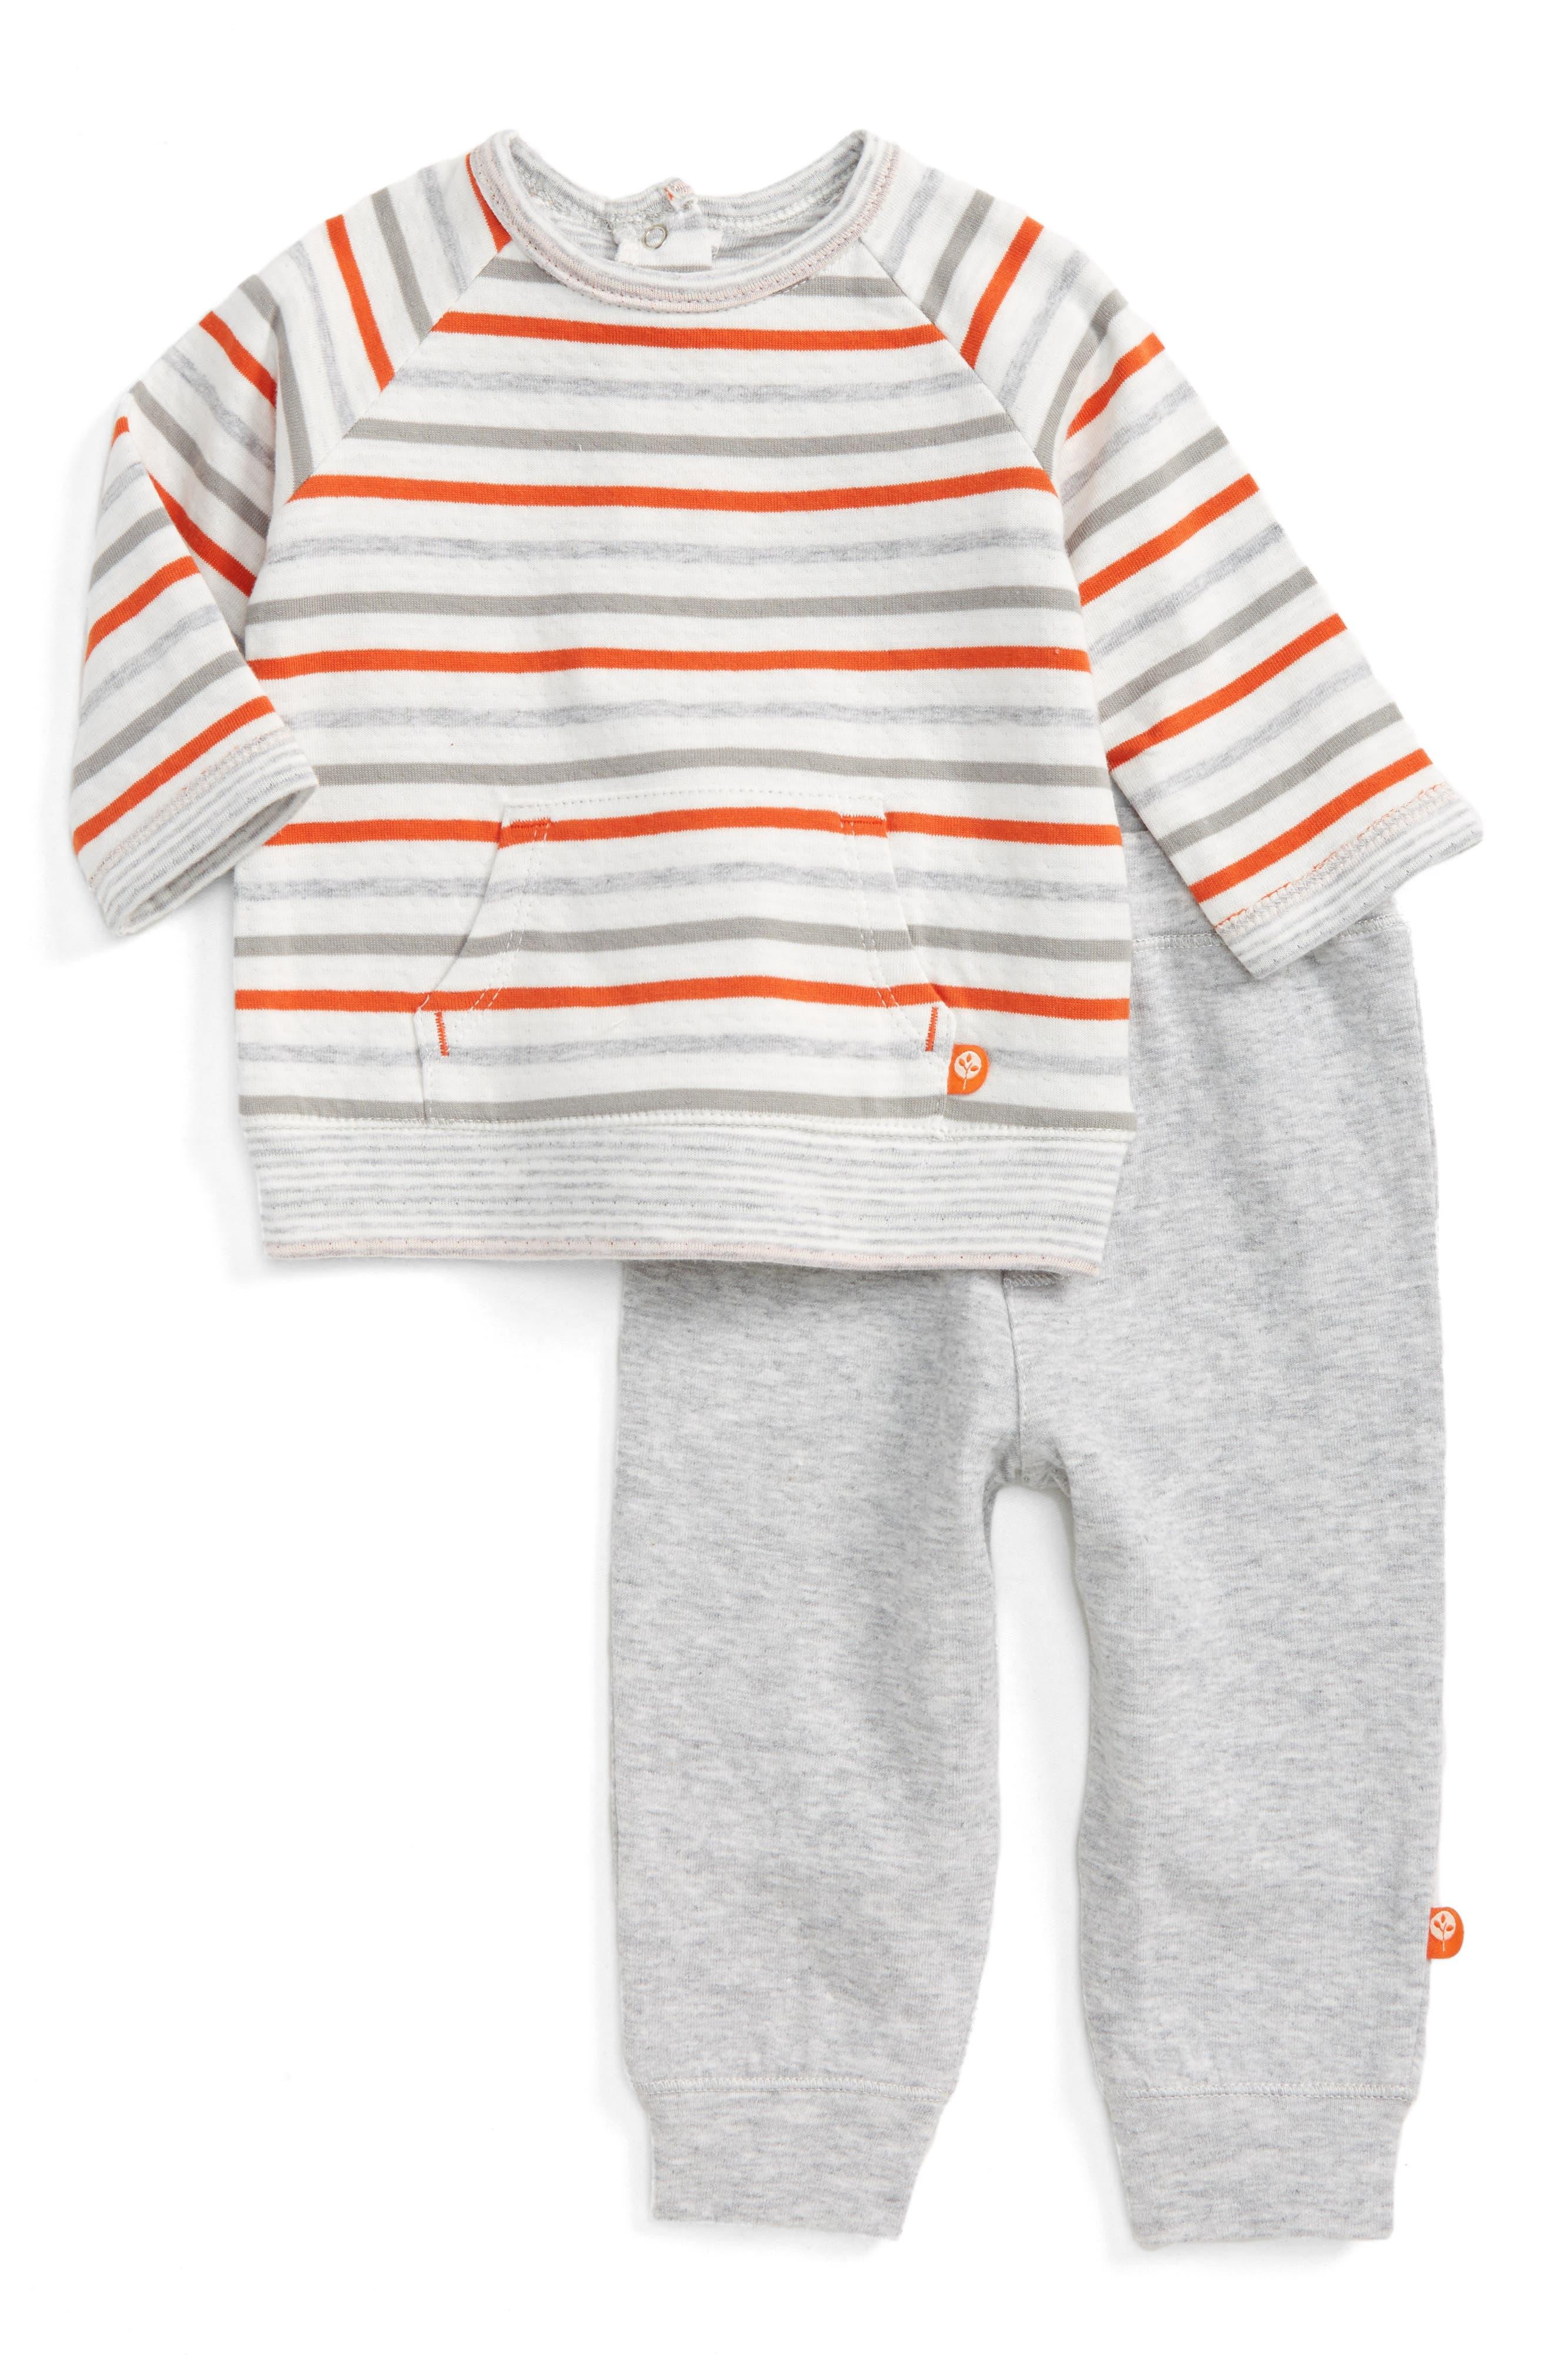 Main Image - Offspring Safari Fun Sweatshirt & Pants Set (Baby Boys)